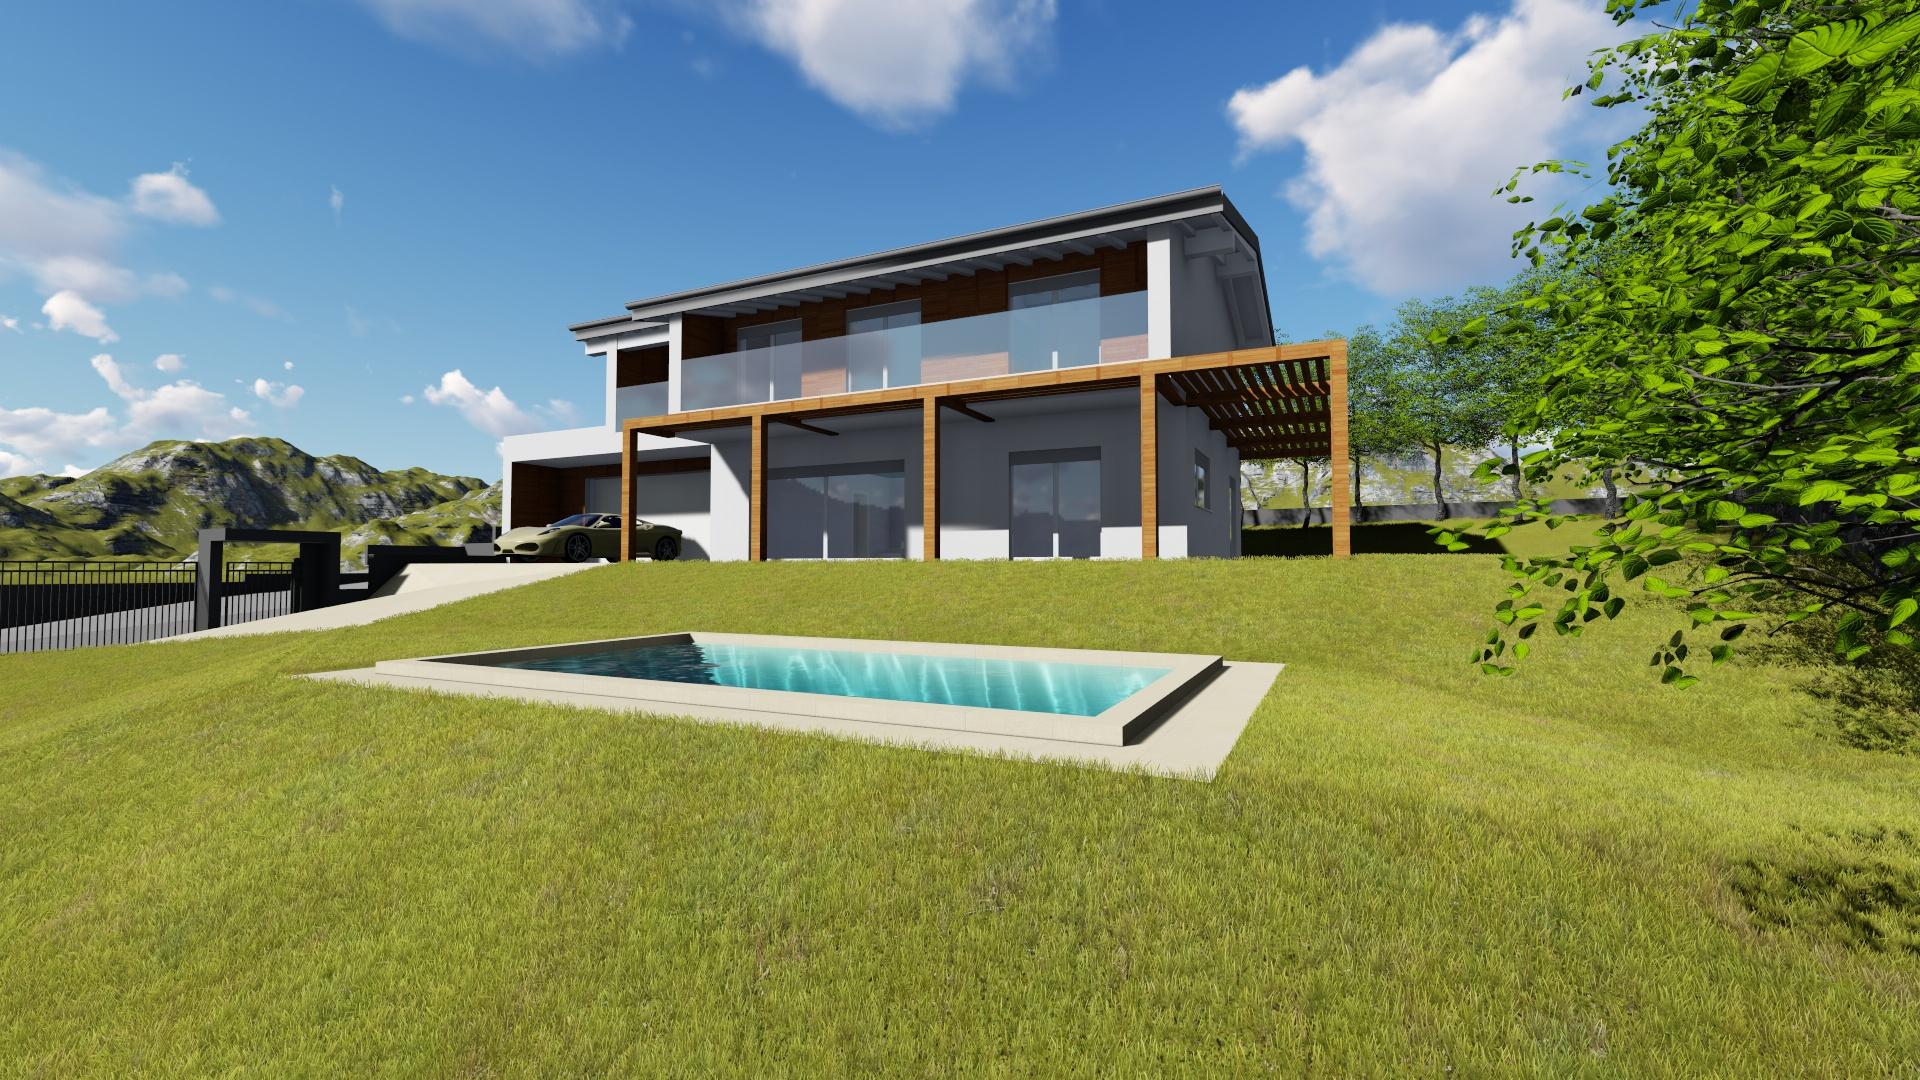 Villa x lam unifamiliare 2 piani bodio lomnago varese for Bloccare i piani domestici